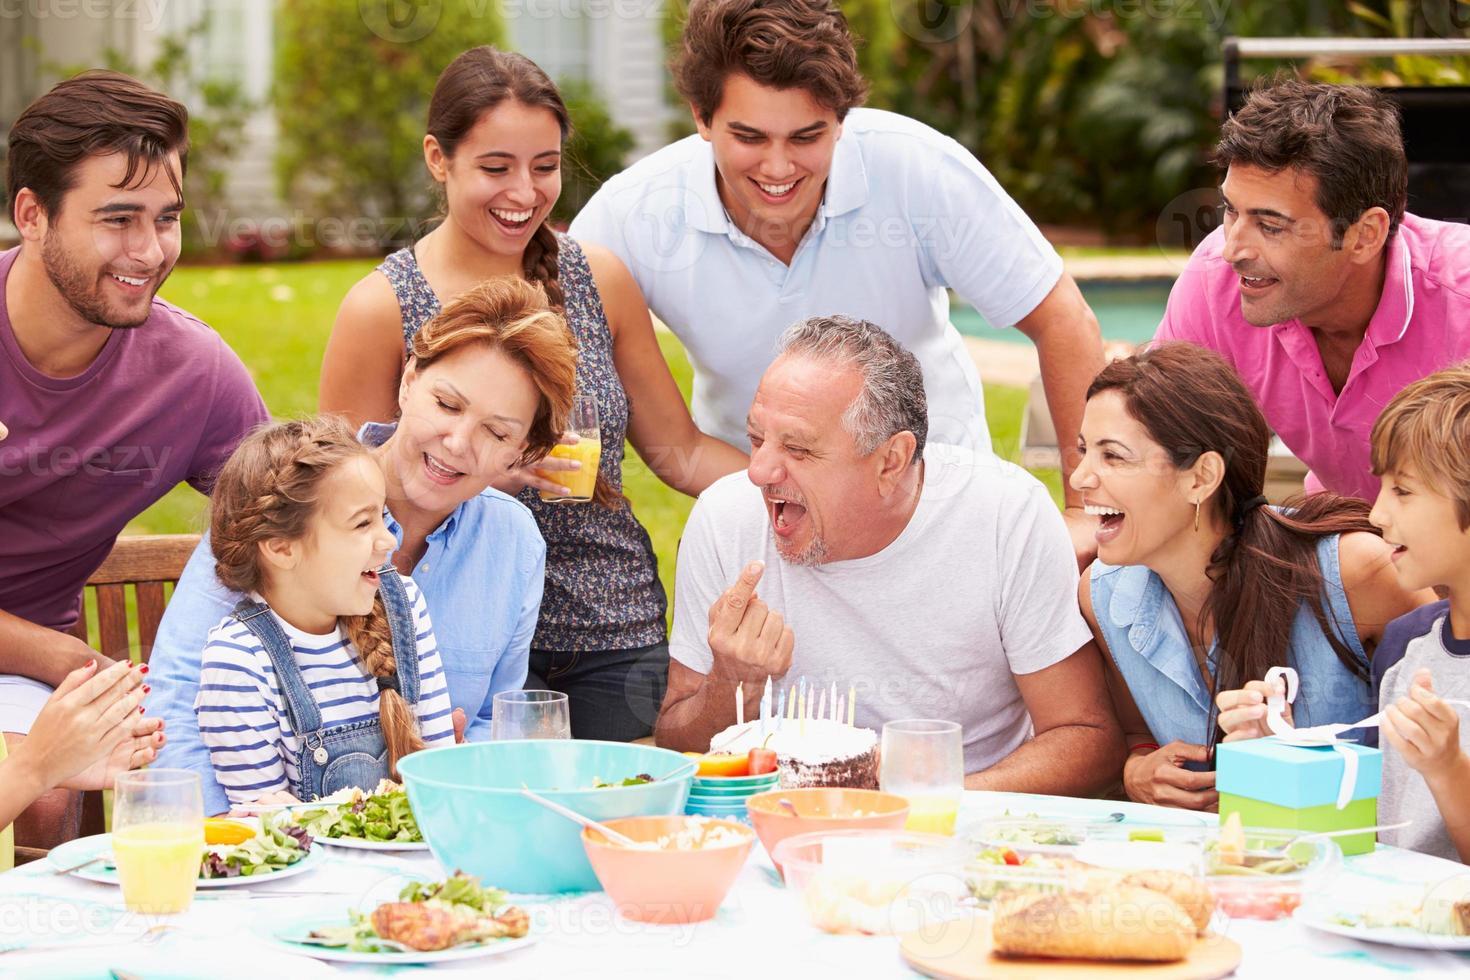 Famille de plusieurs générations fête son anniversaire dans le jardin photo